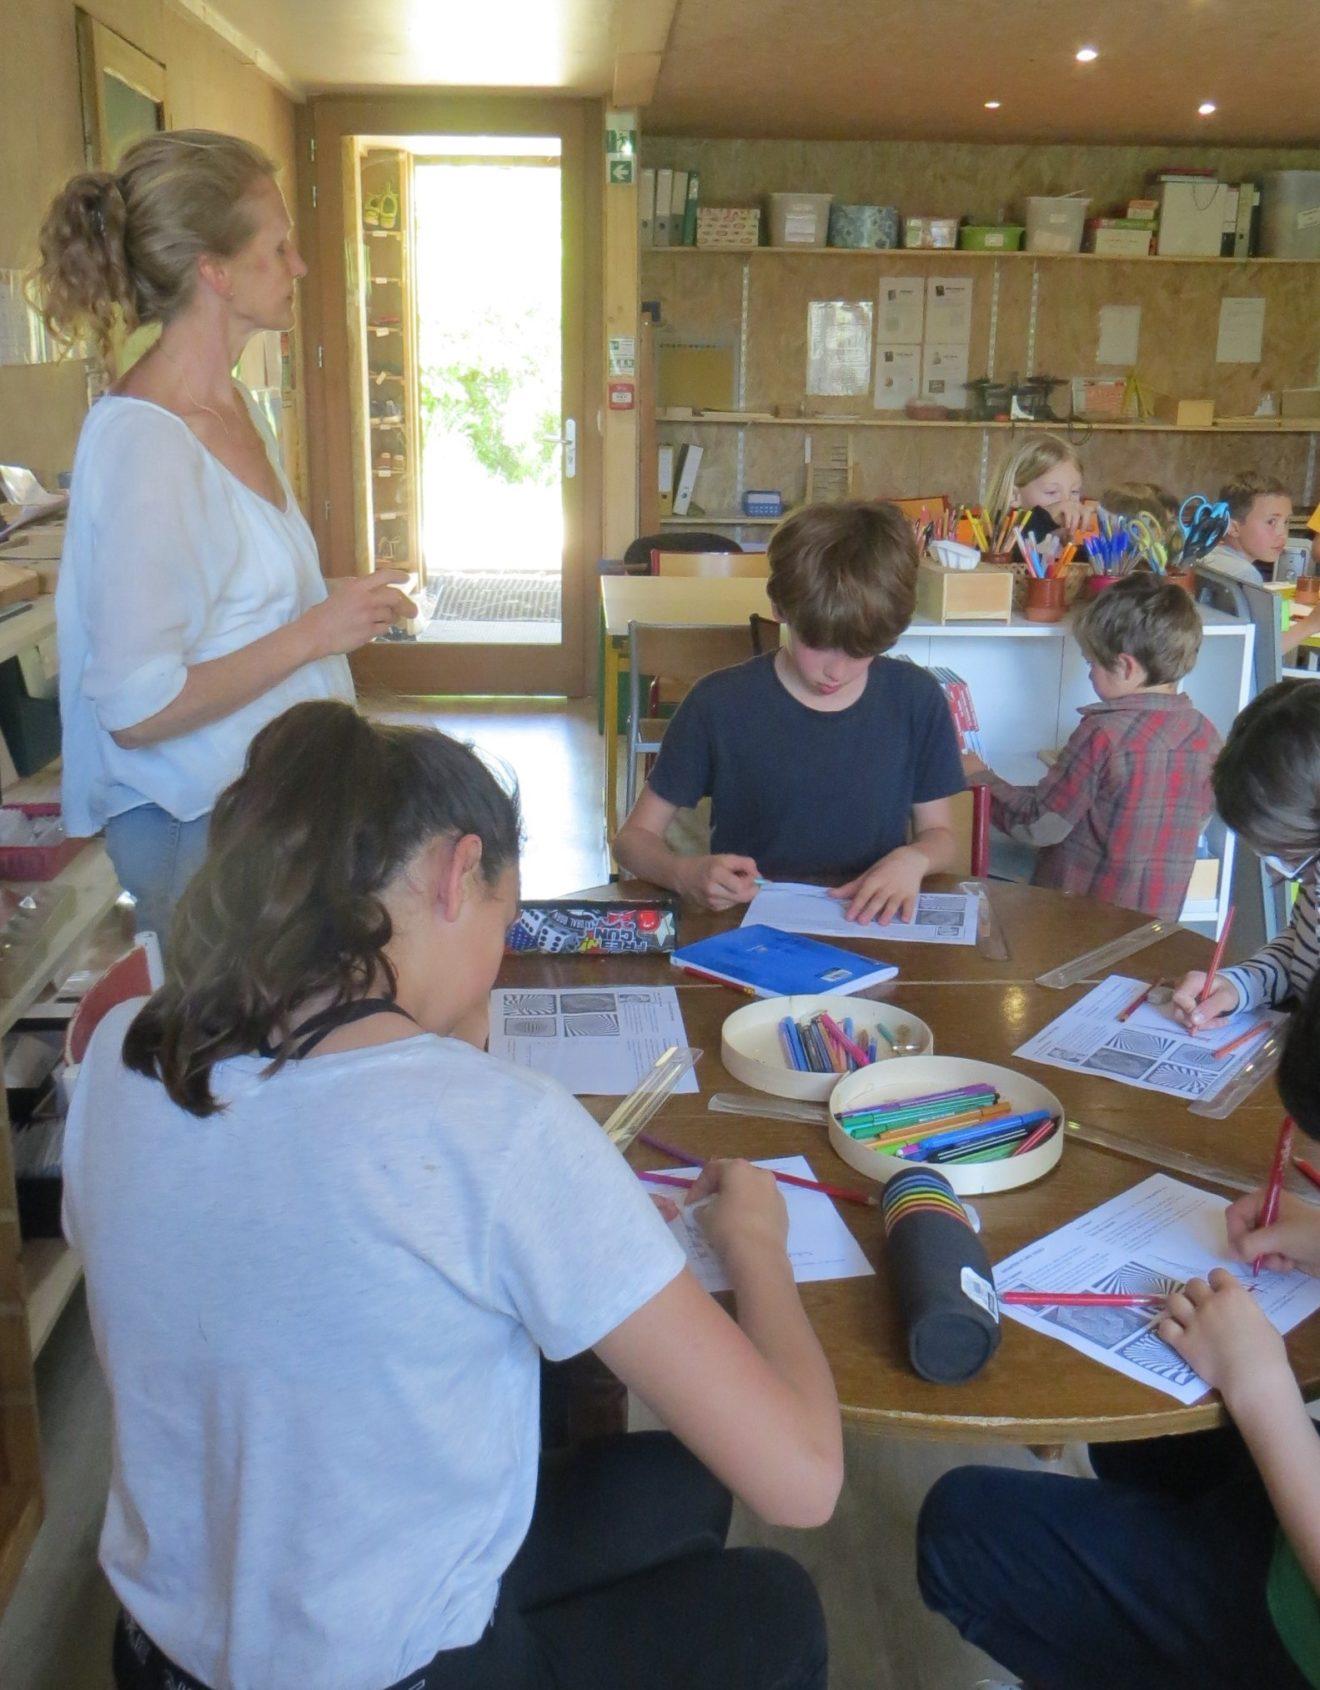 Envol_ecole_Montessori_NL20_pris_vif_19